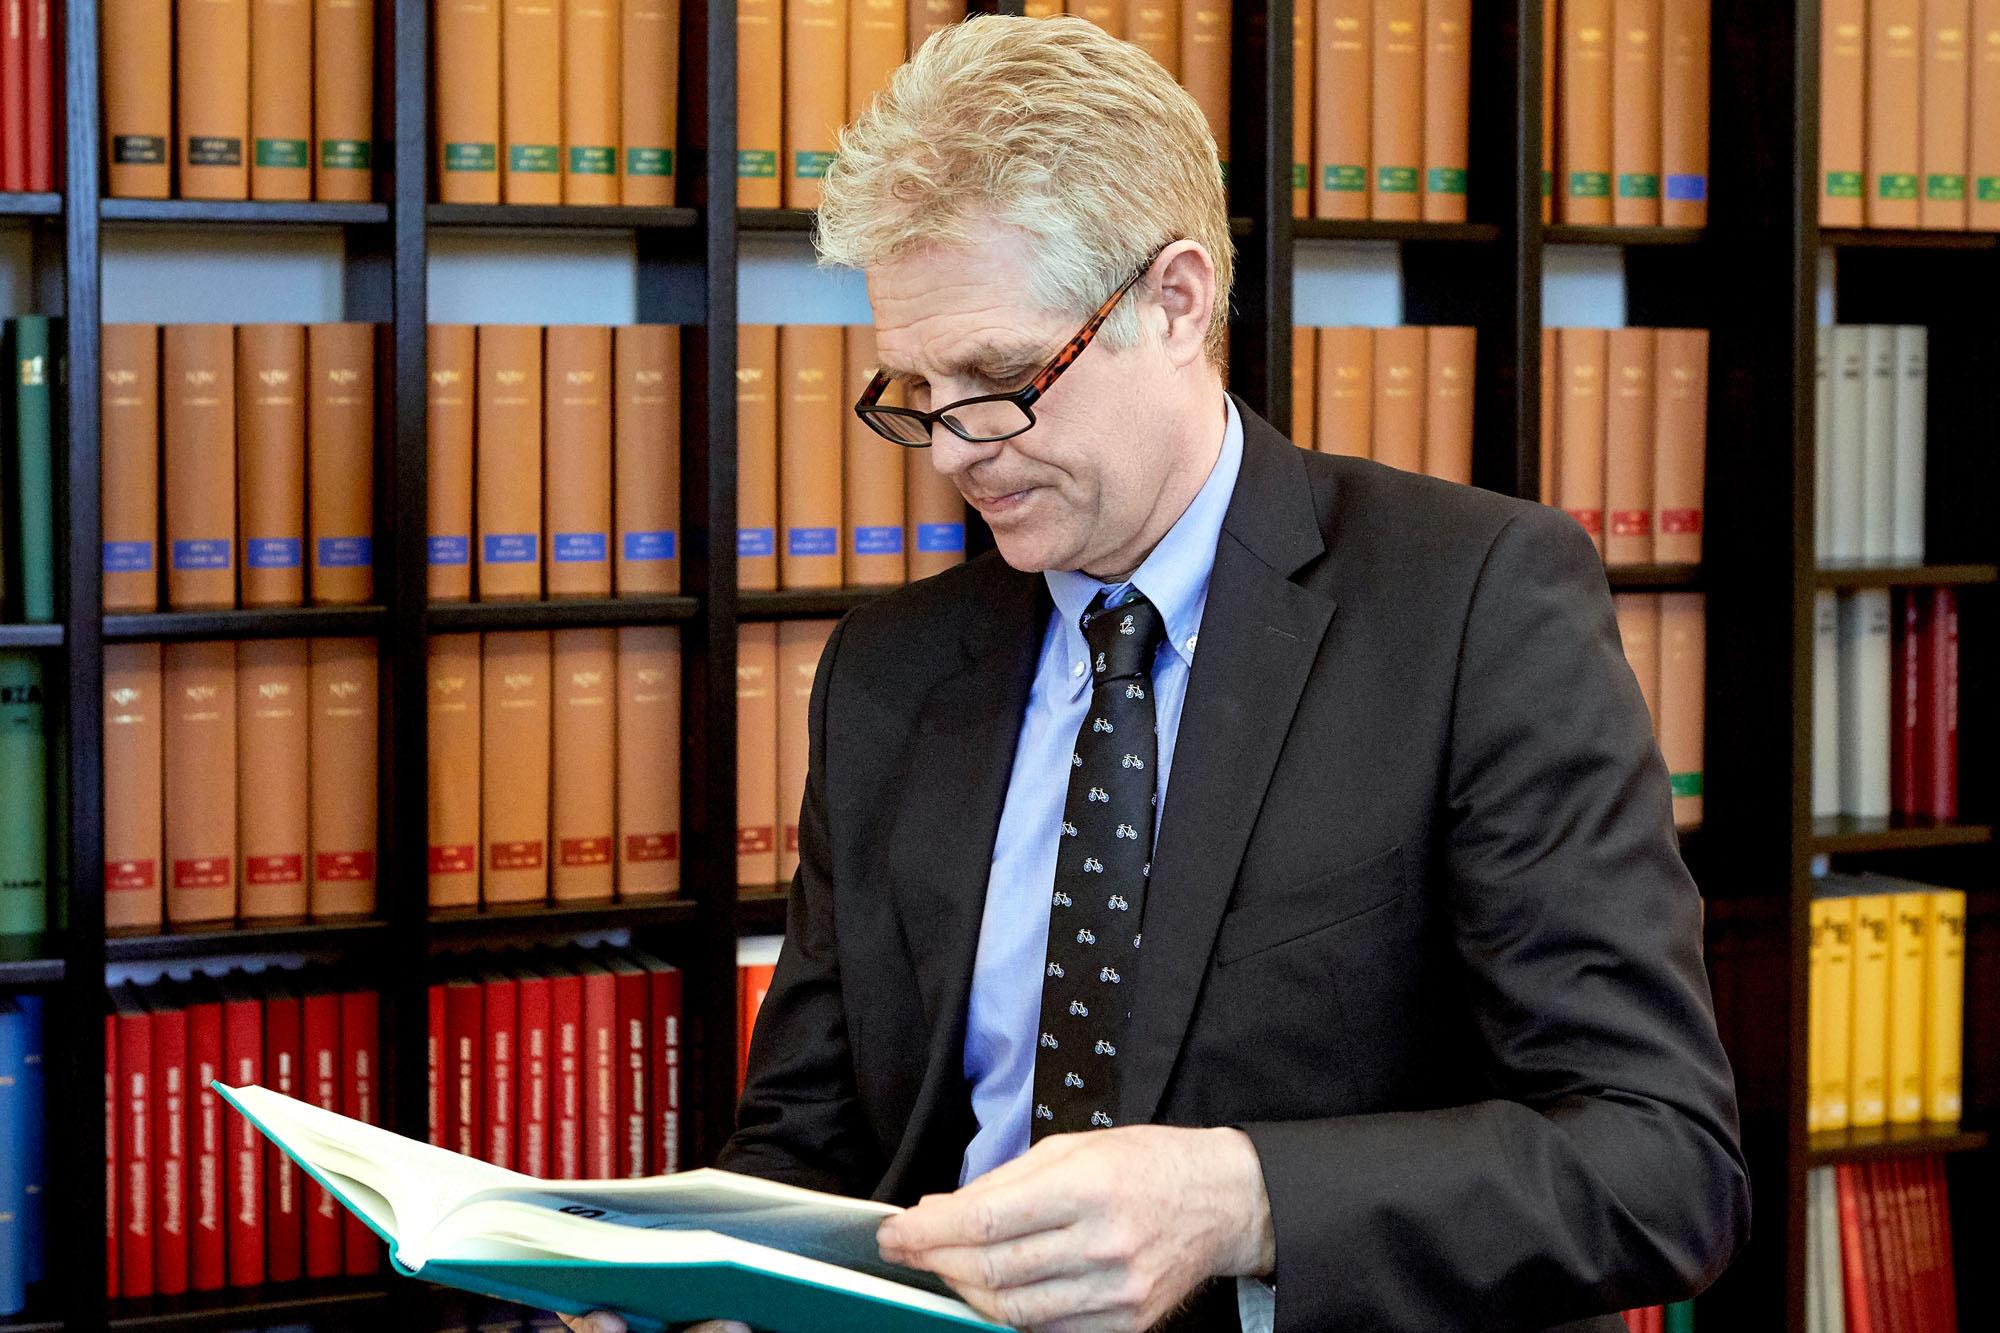 Dr. Rainer Bakker